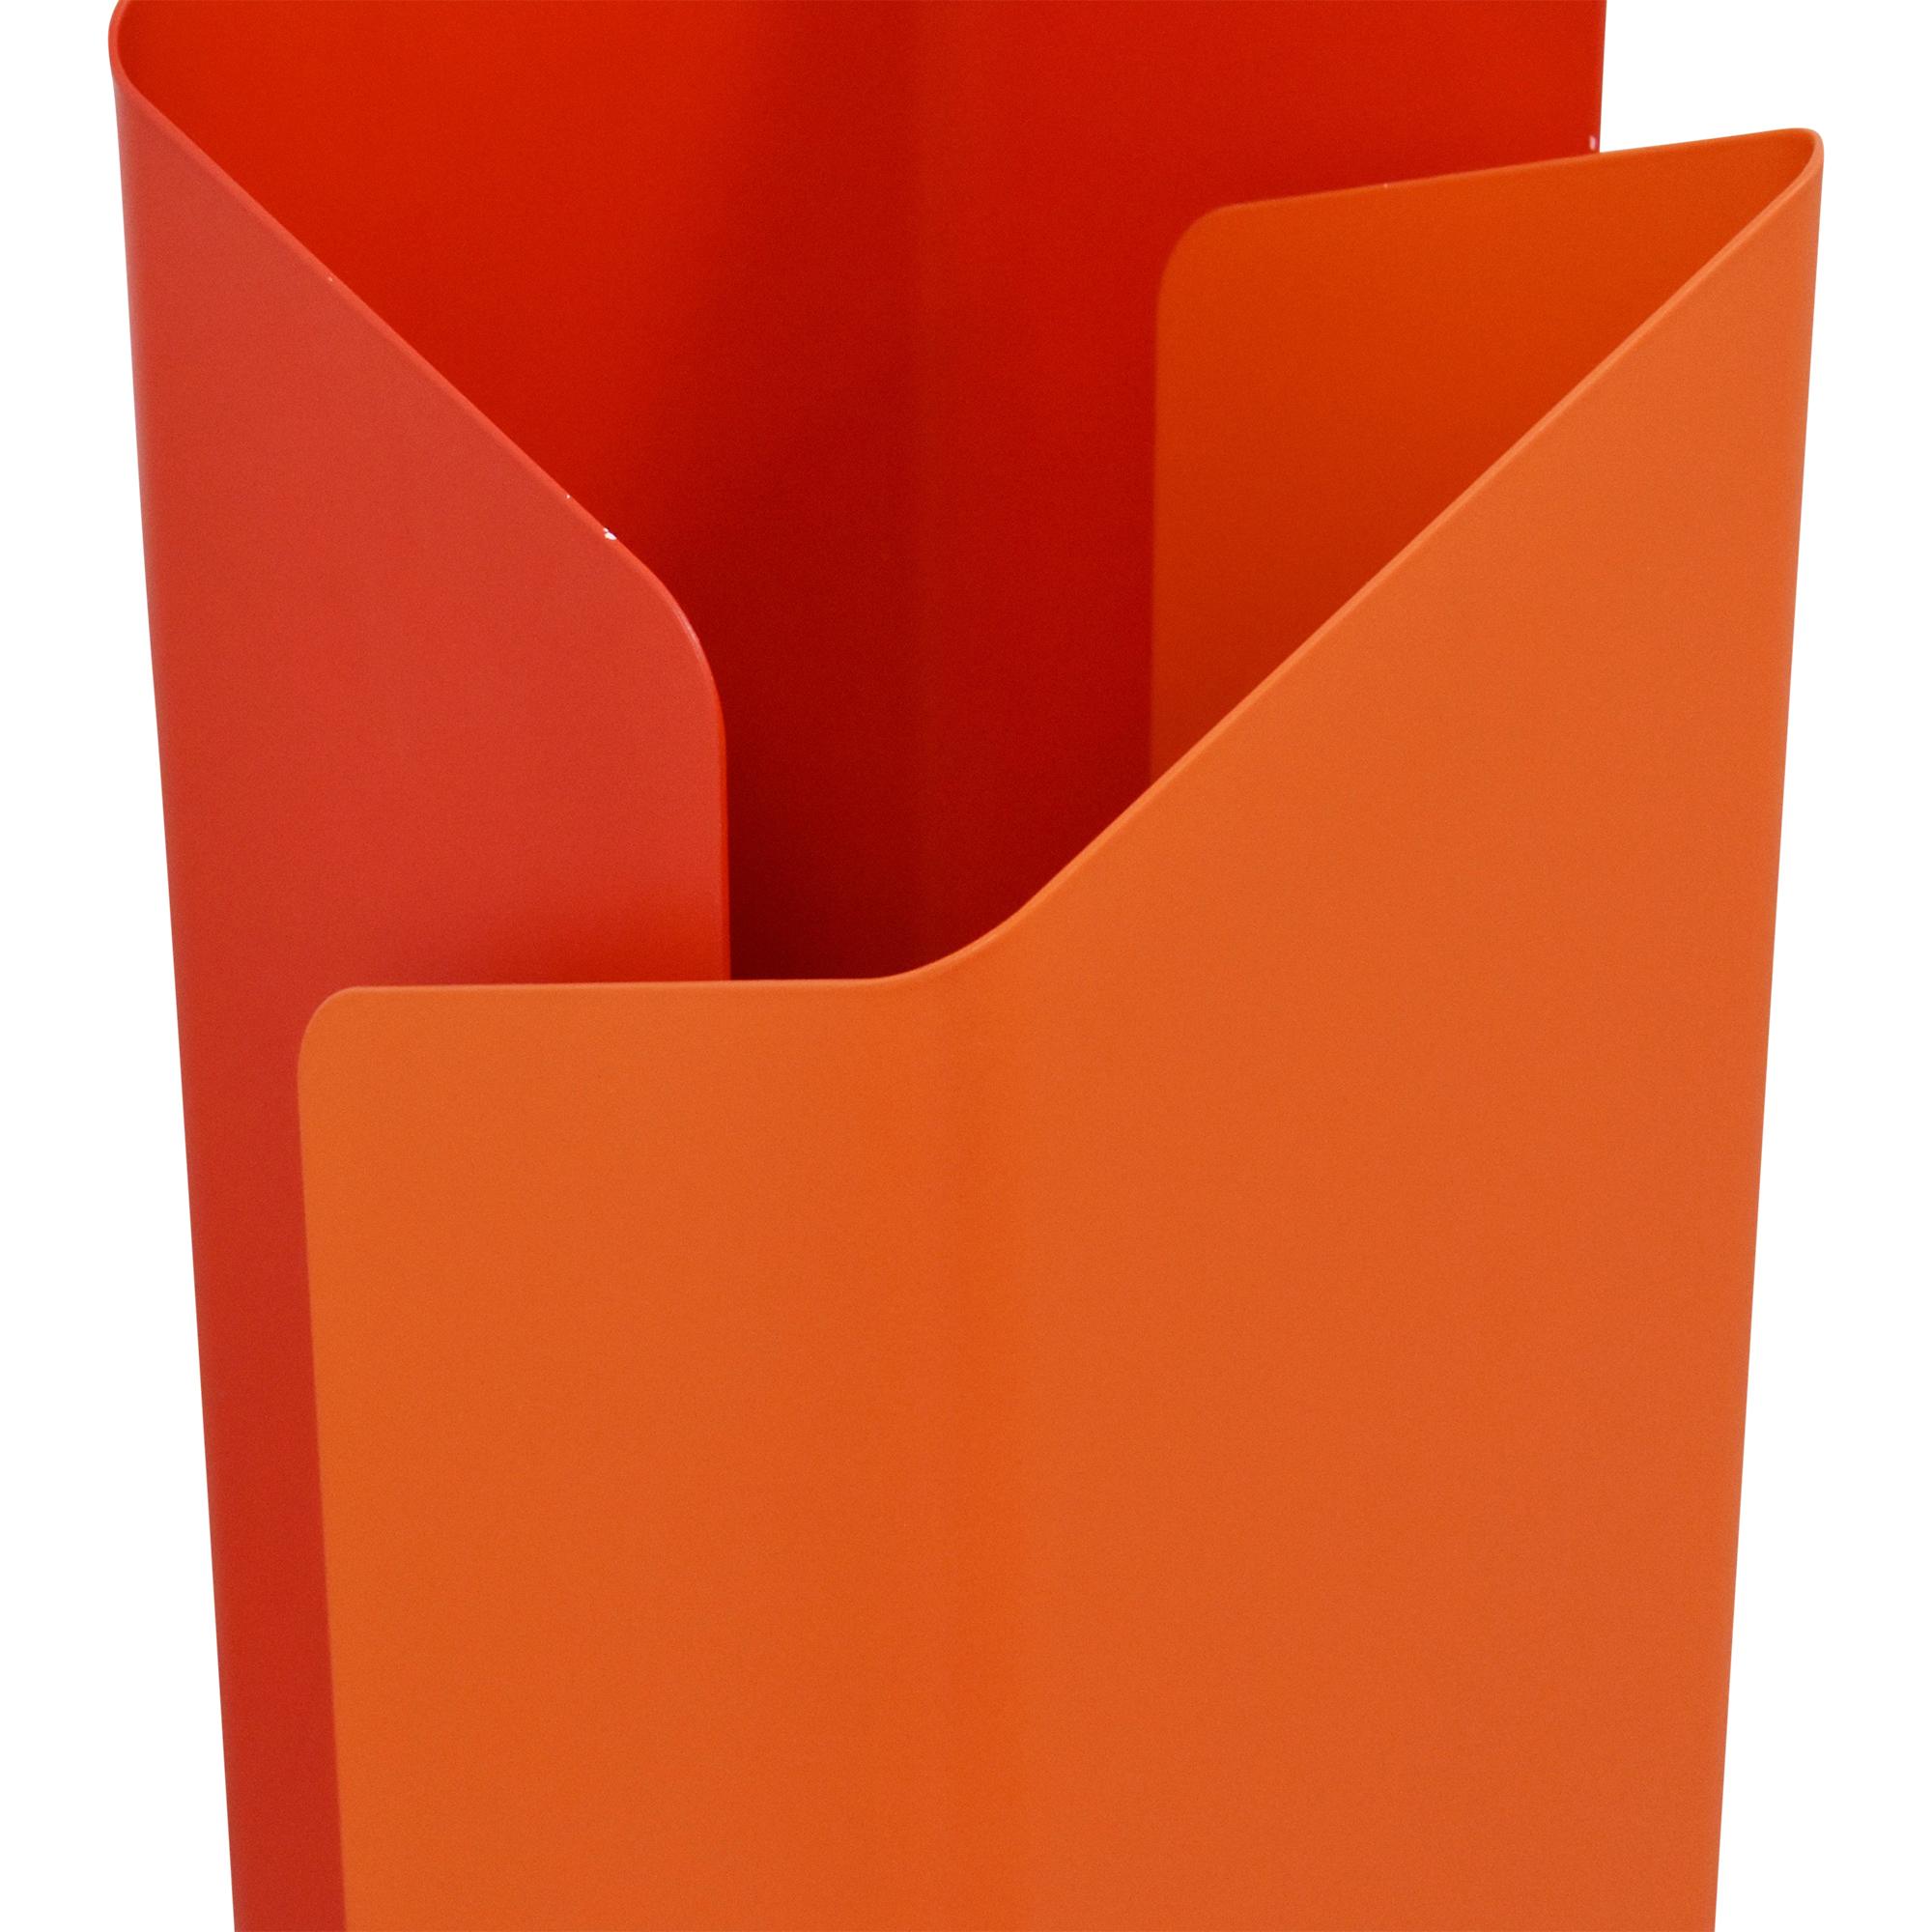 Progetti Progetti Laberint Umbrella Stand  on sale